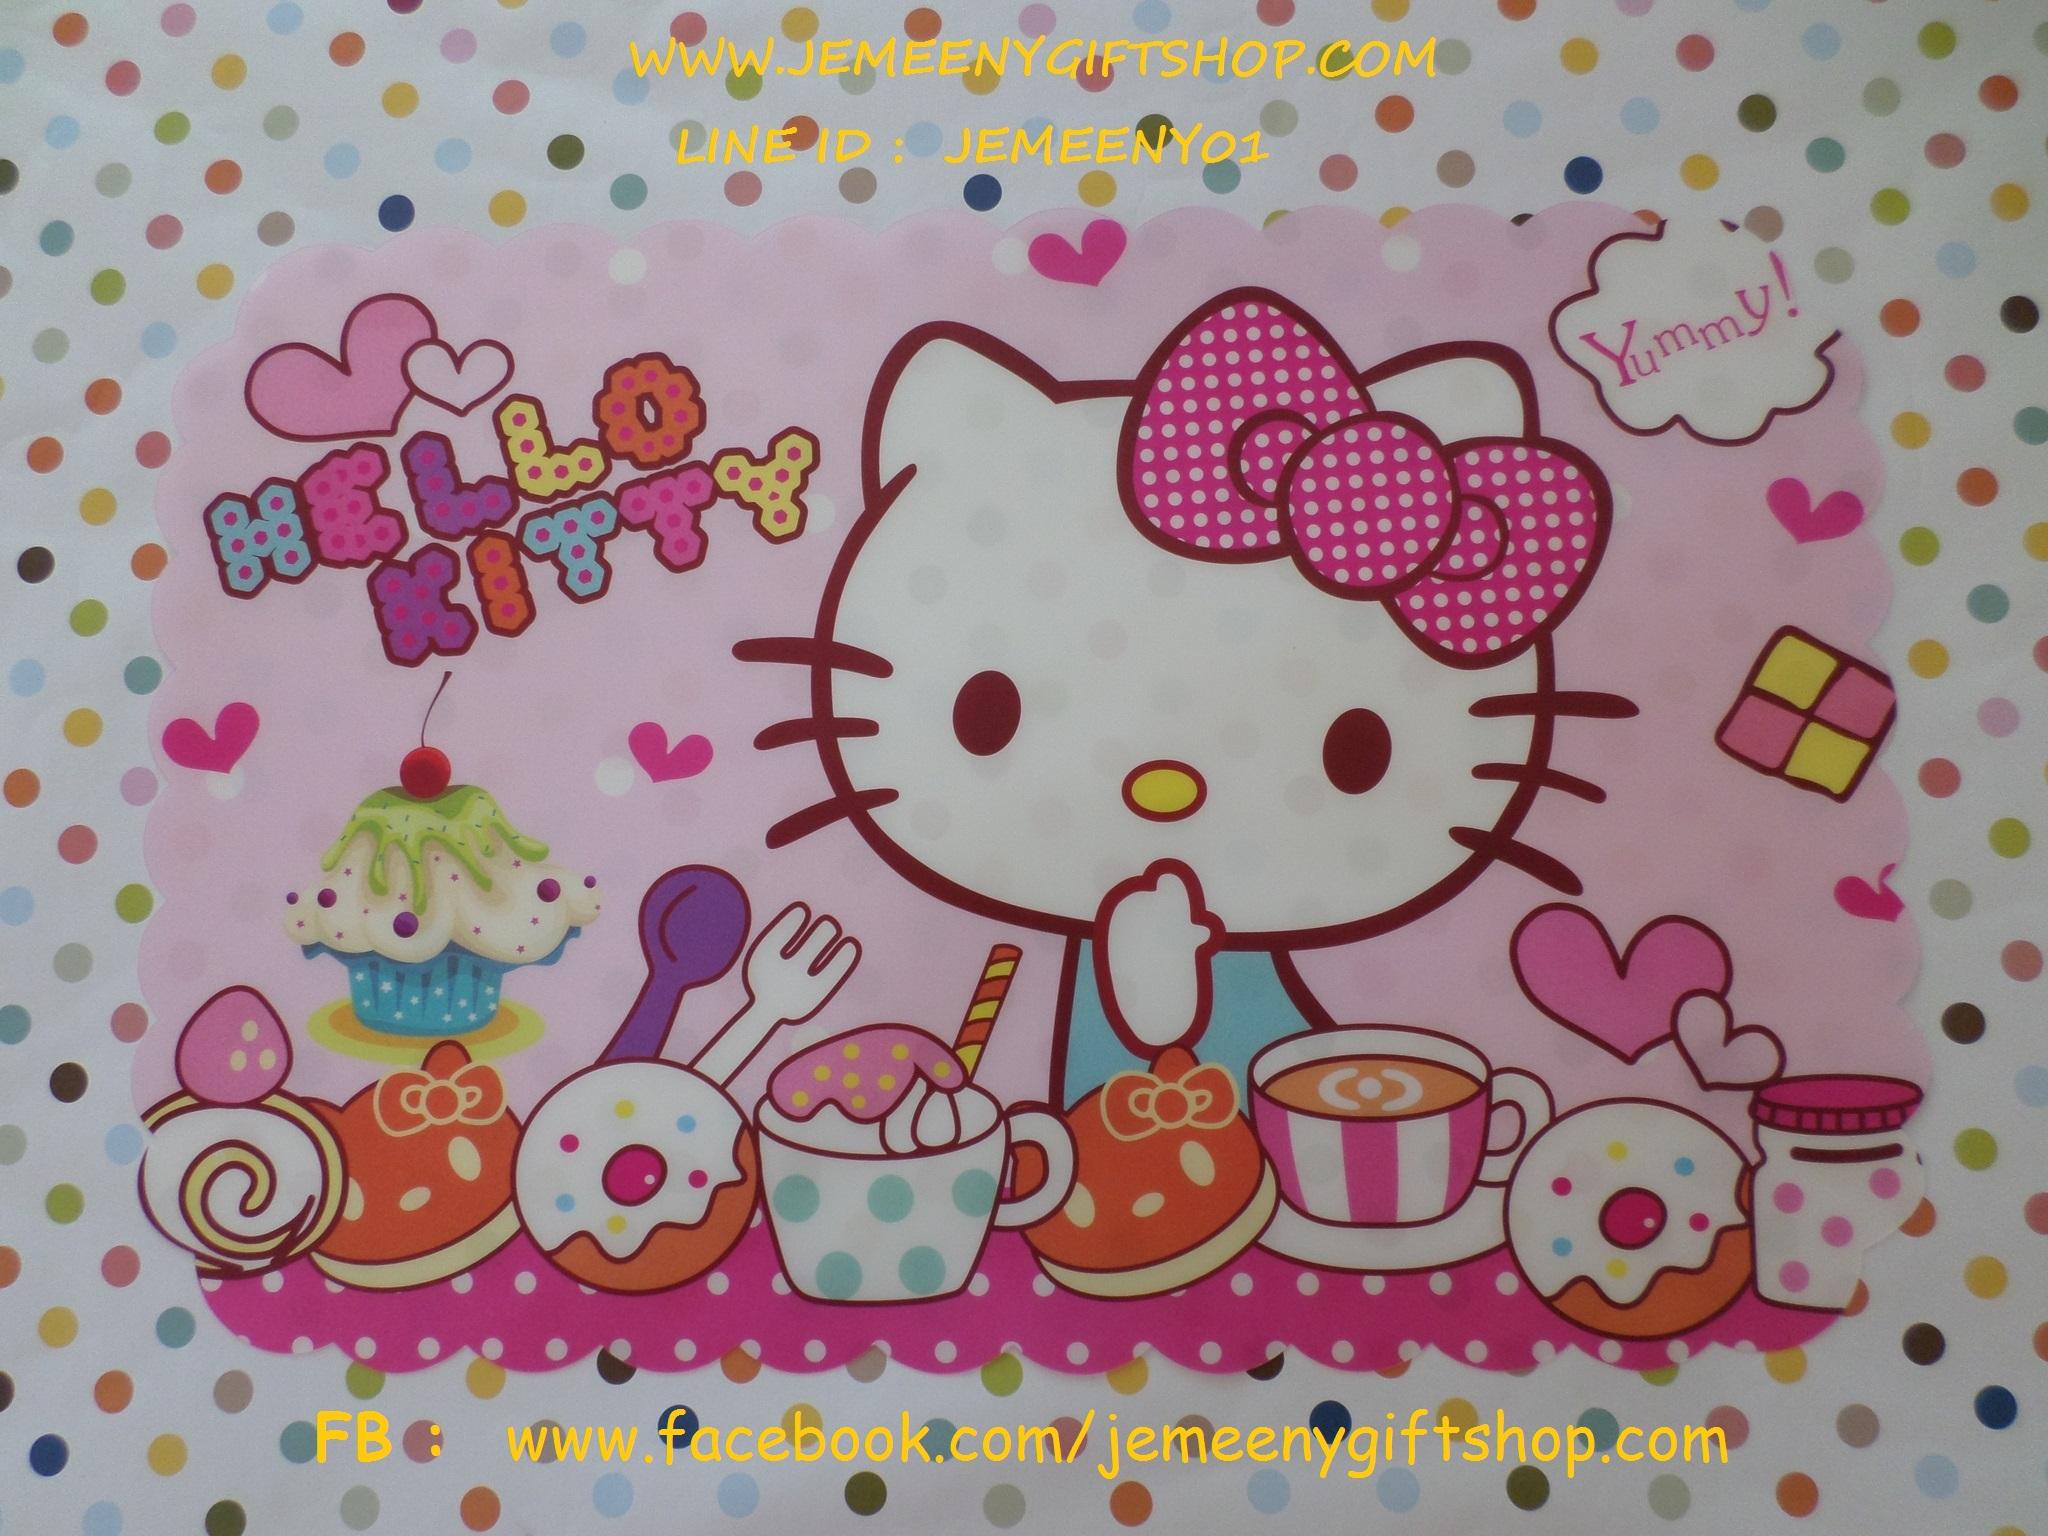 แผ่นยางรองจานทานอาหาร ฮัลโหลคิตตี้ Hello Kitty ขนาด 43 ซม. * 29 ซม. ลายคิตตี้โบว์ชมพูจุดขาว พื้นชมพูจุดขาว